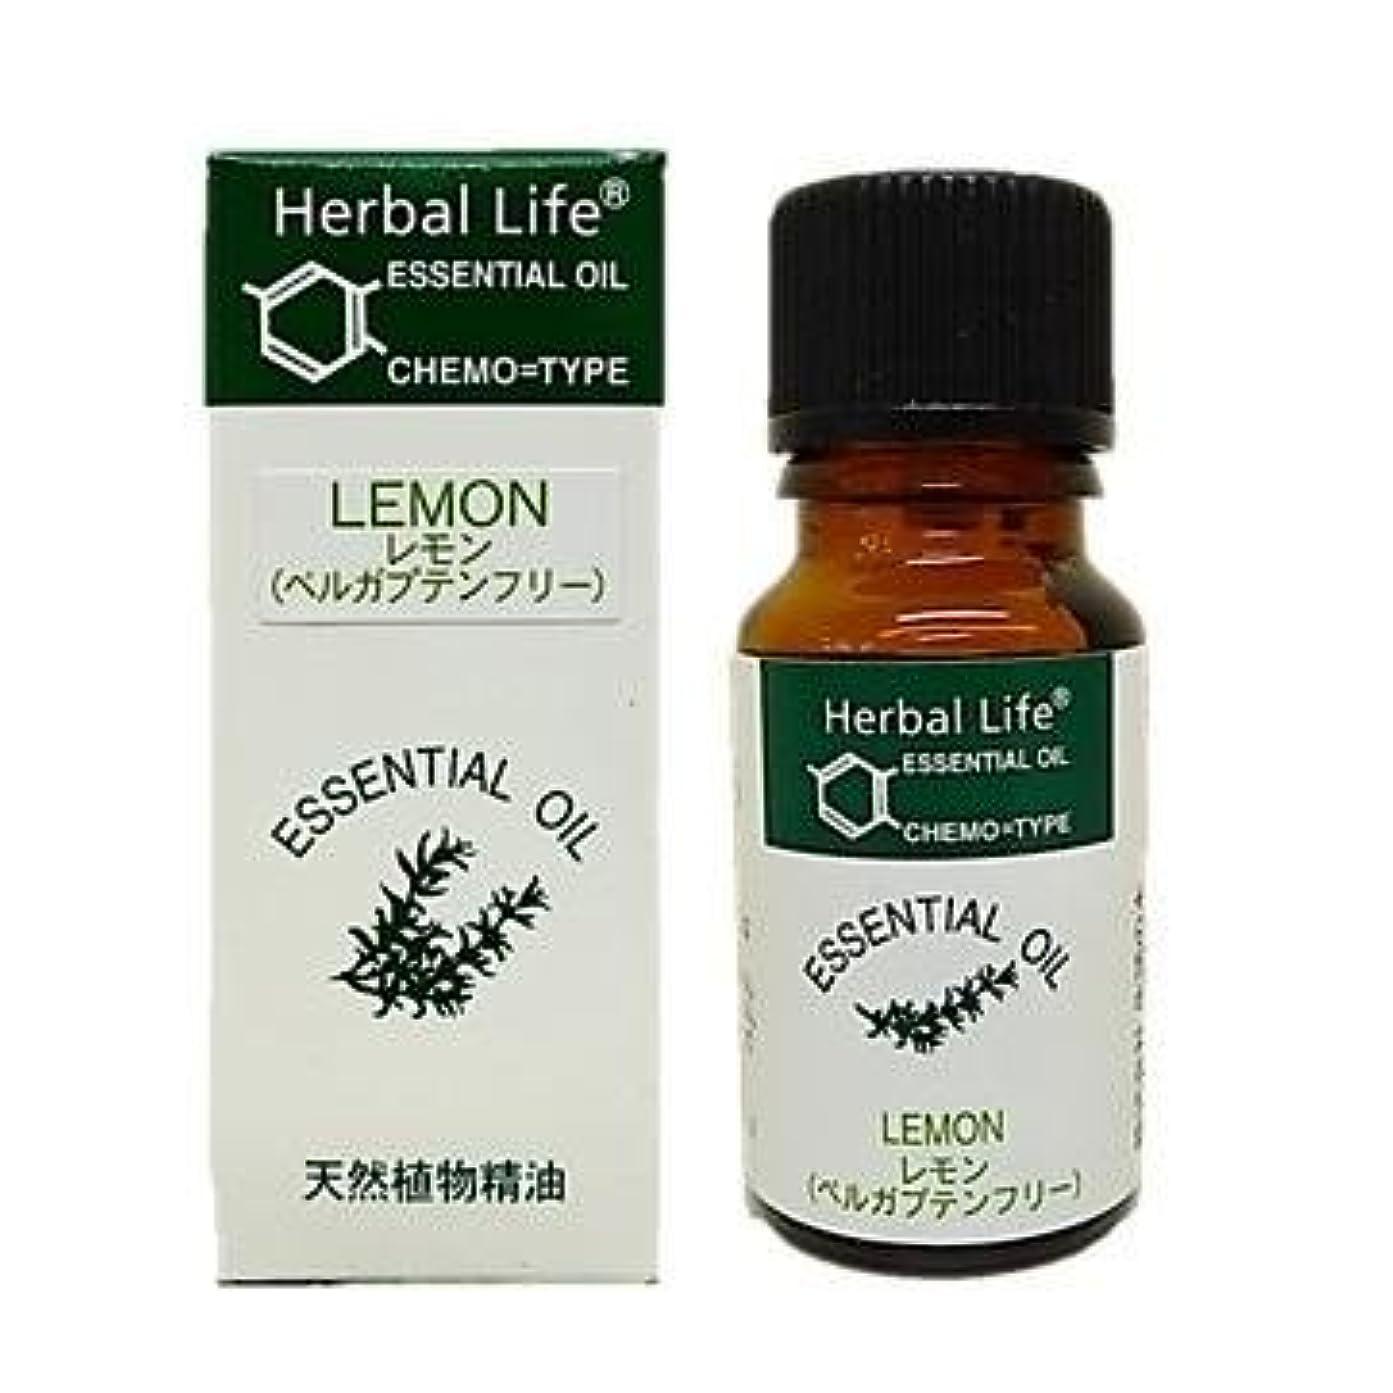 アジア人信頼性のあるポルトガル語生活の木 レモン(フロクマリンフリー)10ml エッセンシャルオイル/精油